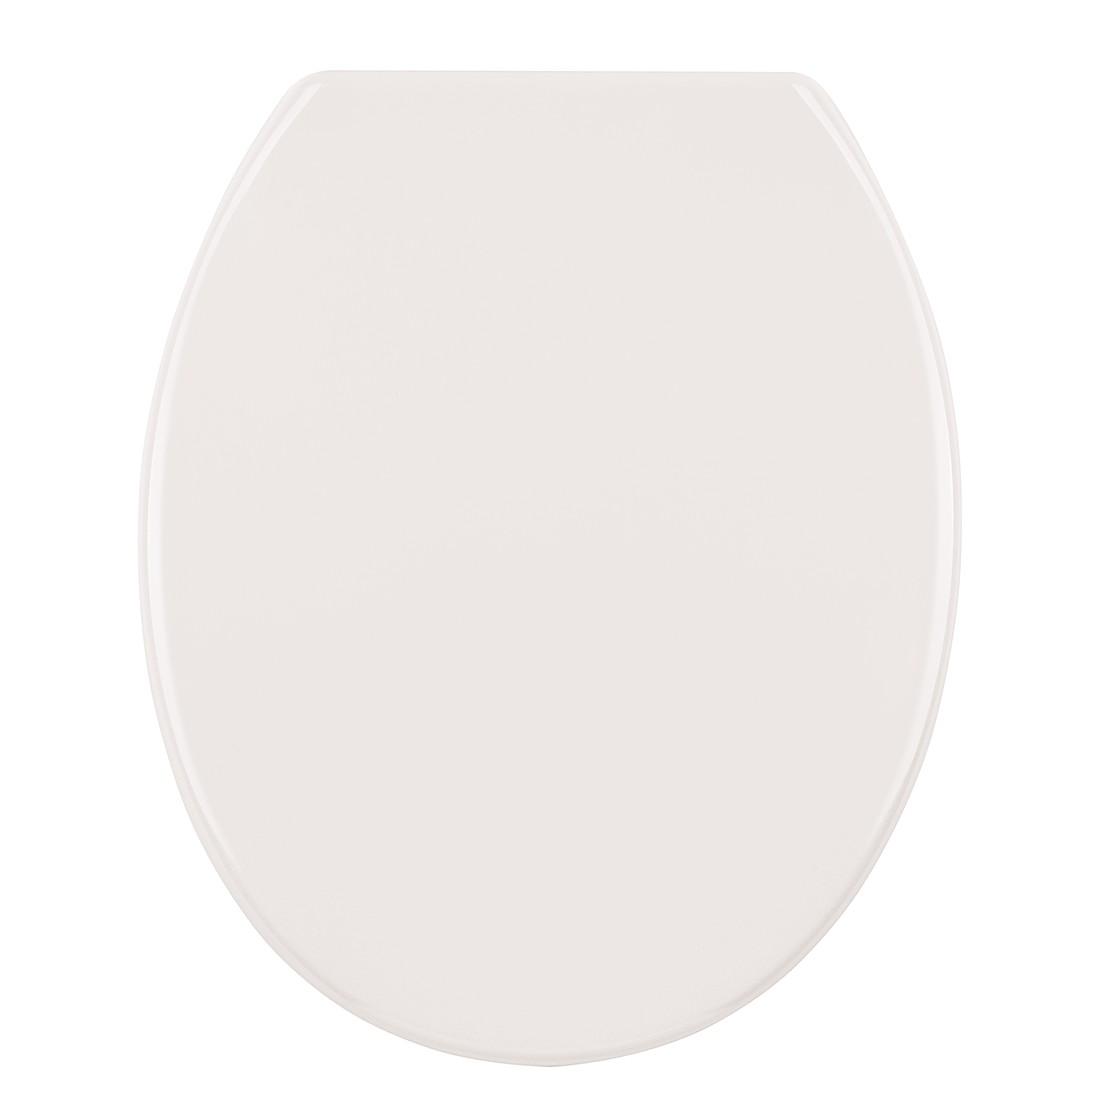 WC-Sitz Elba – Weiß, Duroplast, Sanwood online kaufen